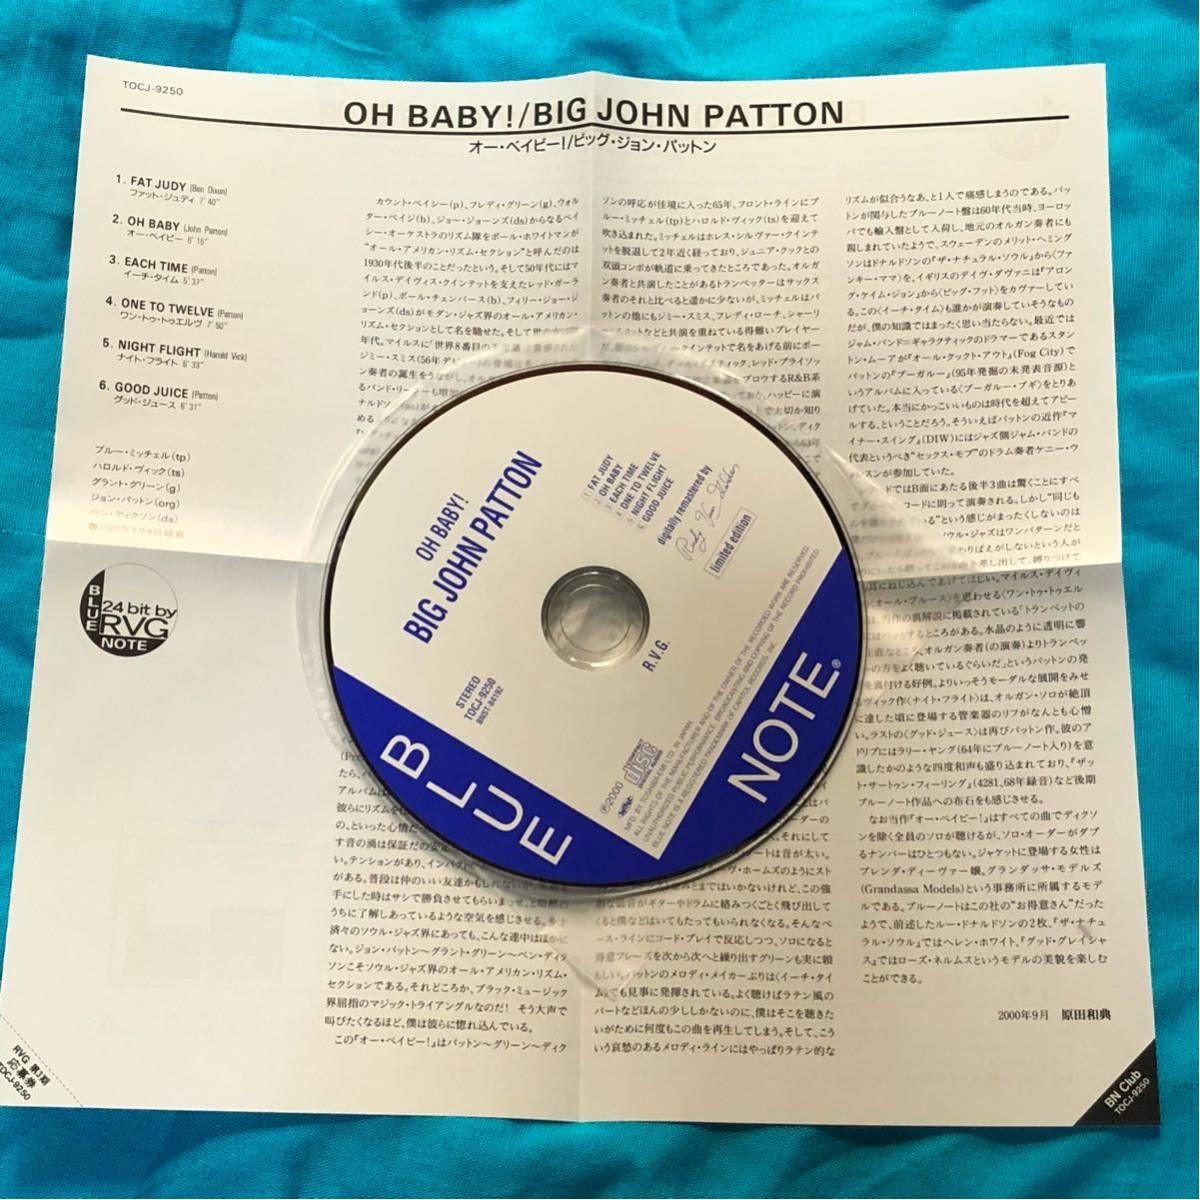 紙ジャケレア盤!BIG JOHN PATTO...